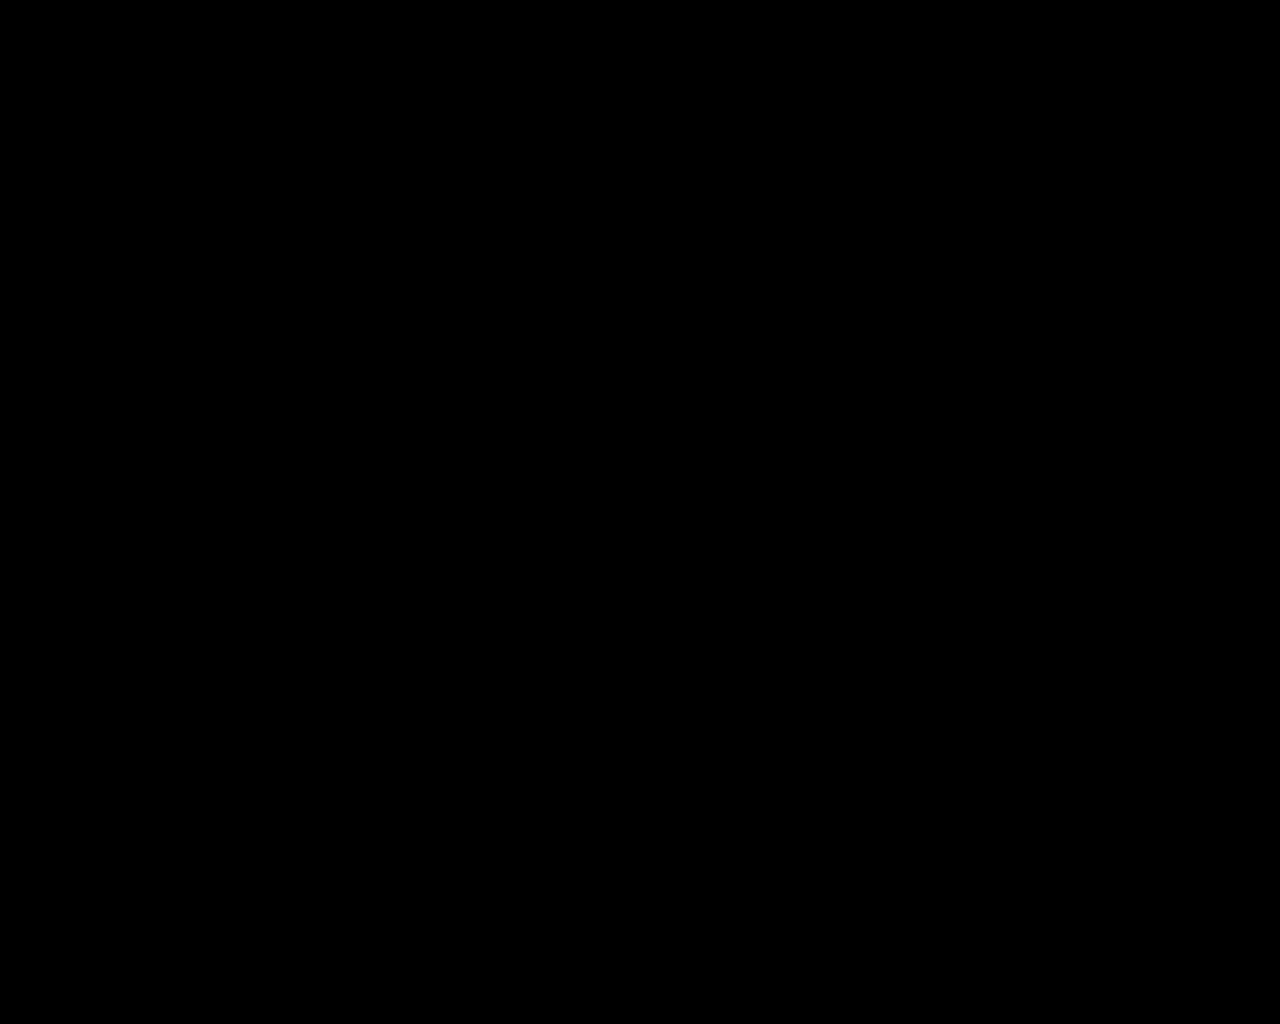 MenuDigi